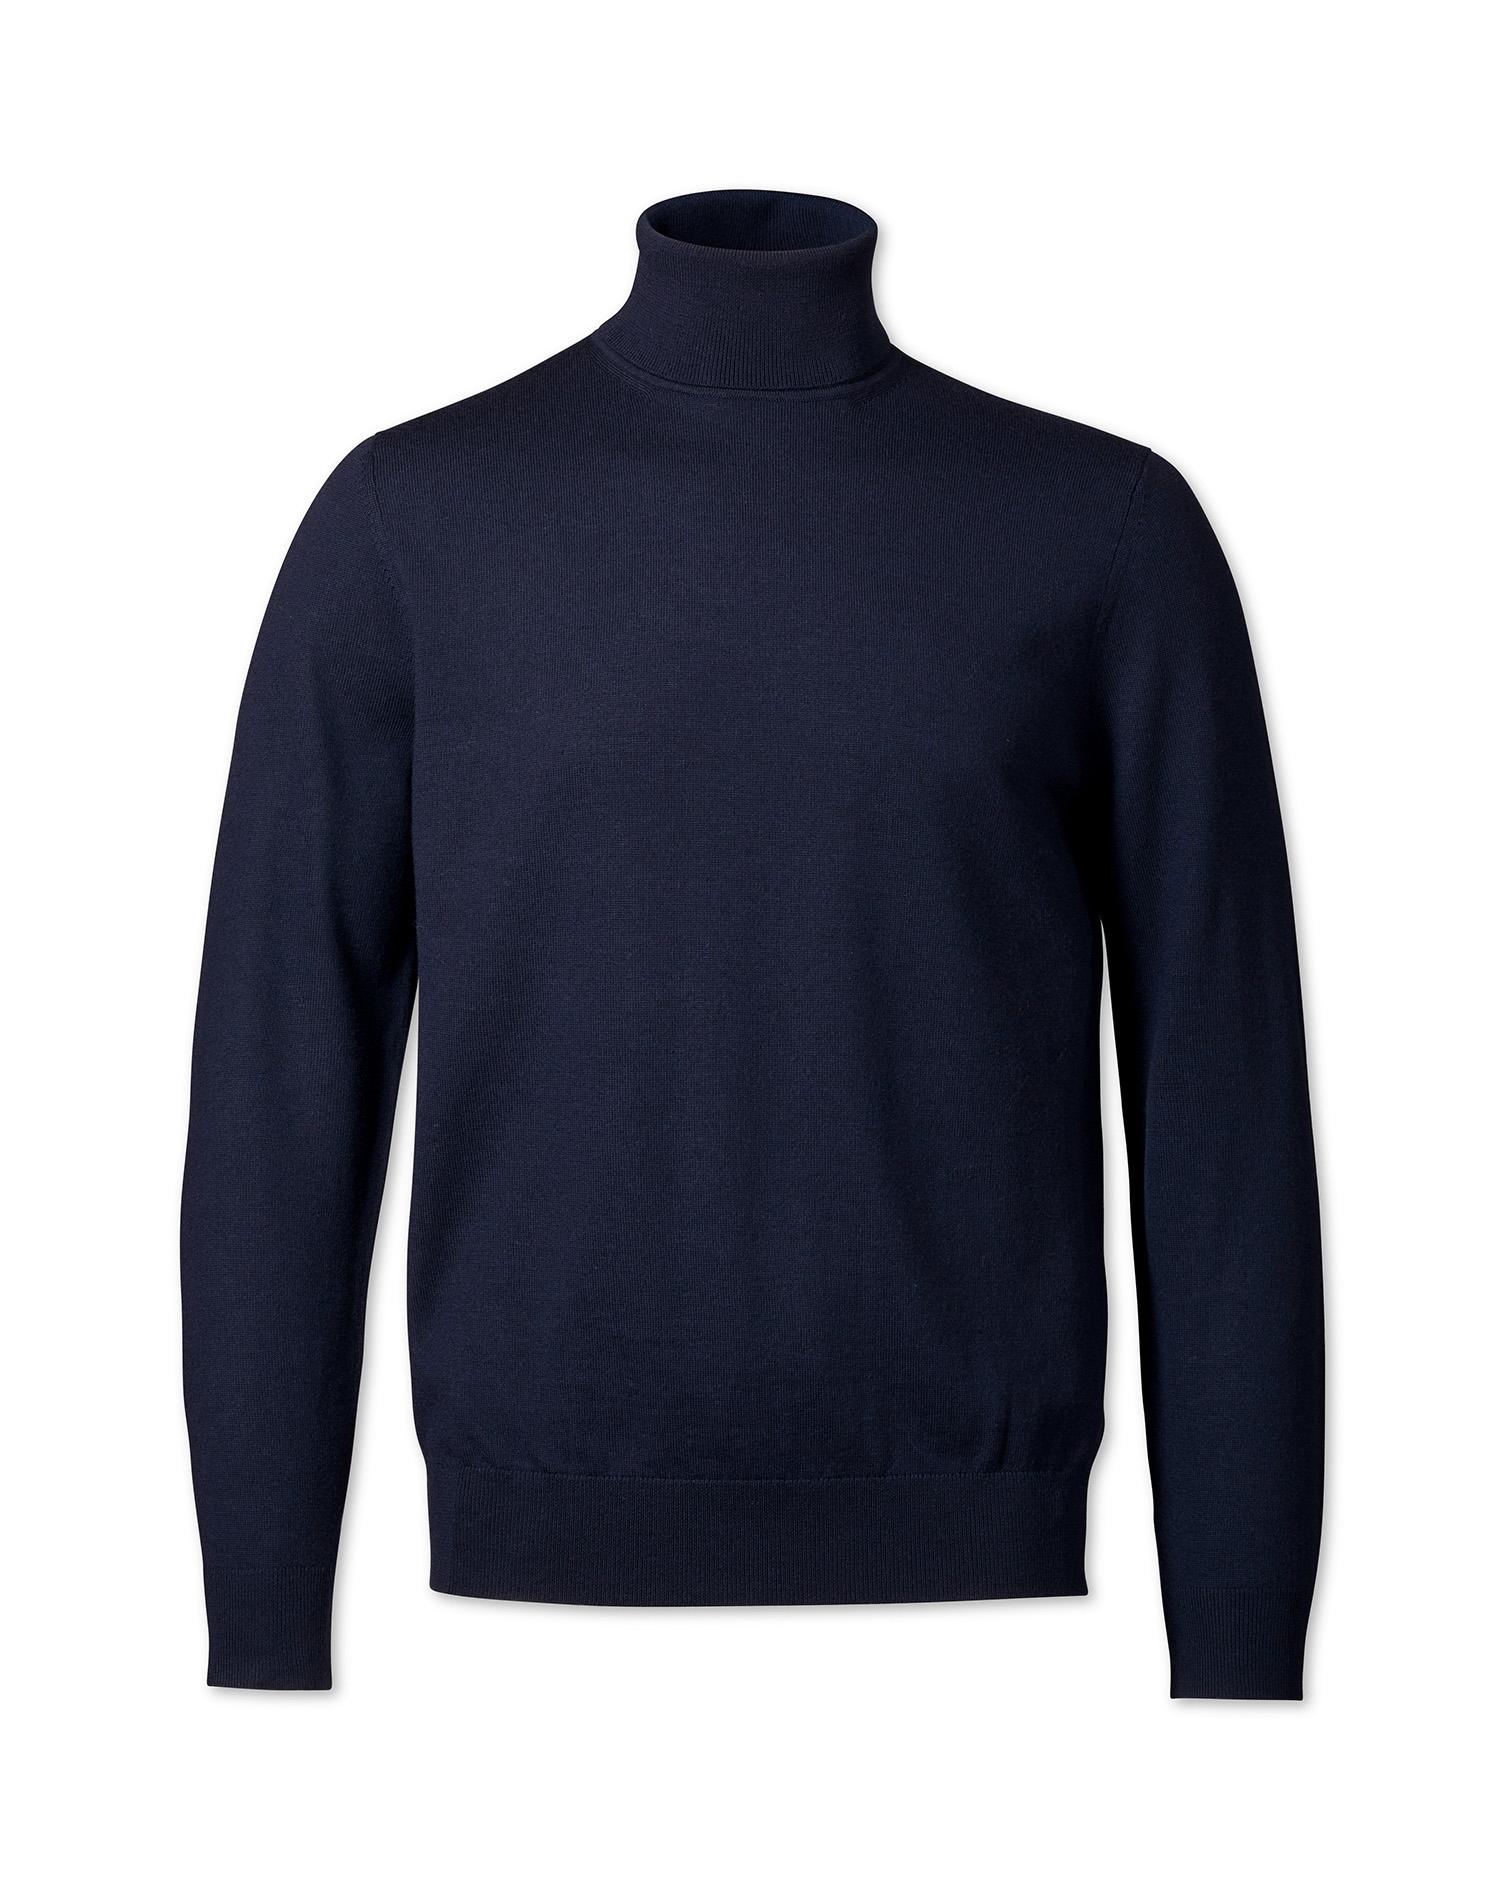 Navy merino wool roll neck sweater | Charles Tyrwhitt